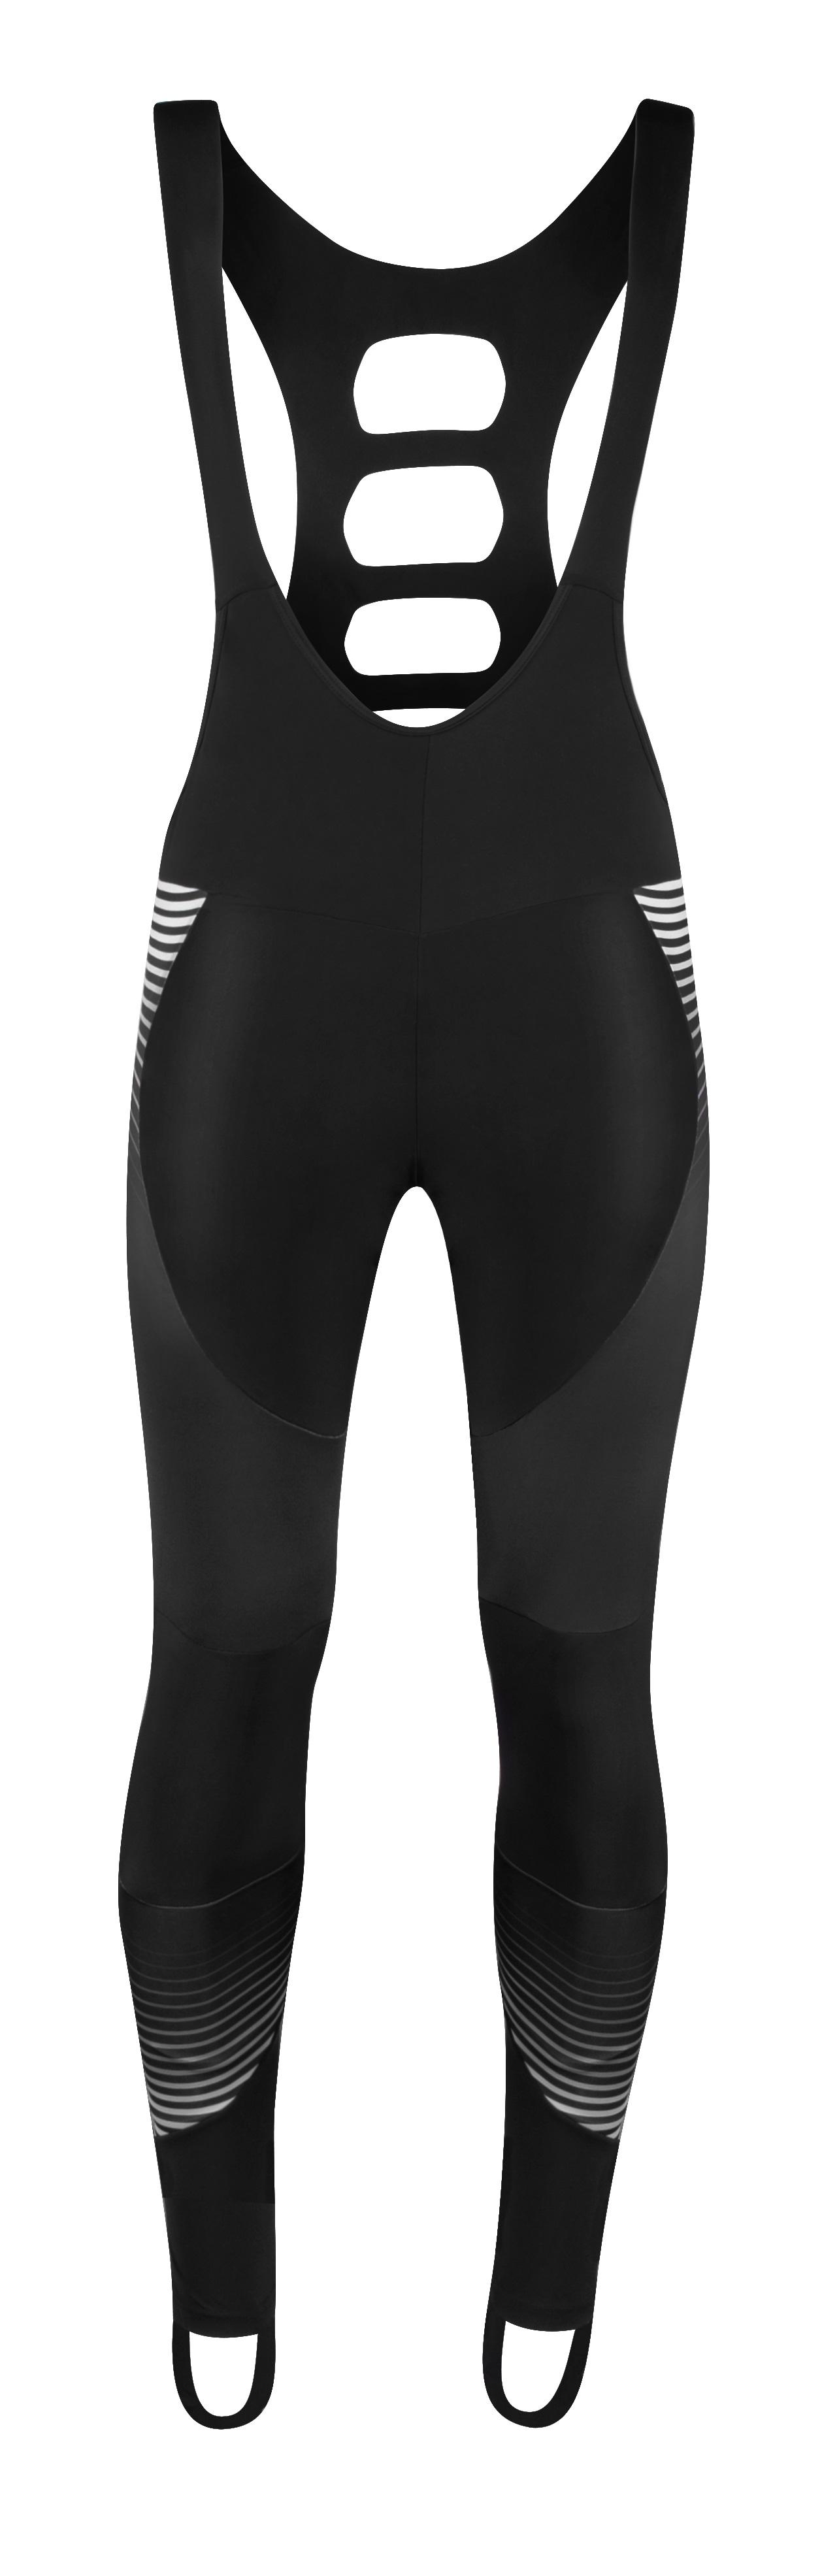 kalhoty FORCE DRIFT se šráky bez vložky, černé XL